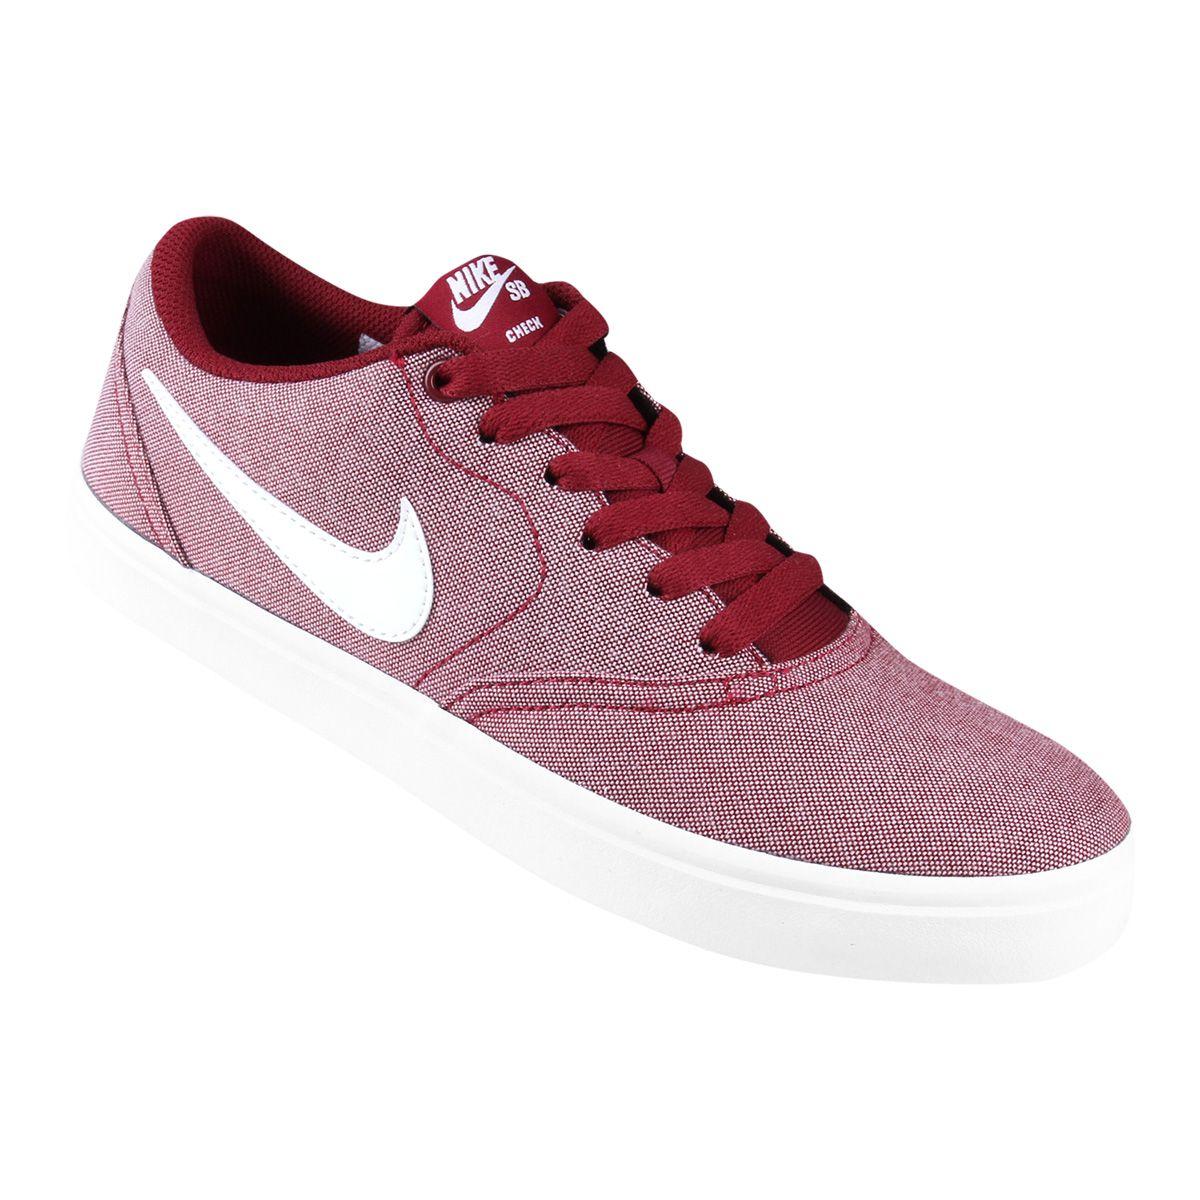 4c533a838ce Tênis Nike Wmns Sb Check Solar Cvs P Feminino - Vermelho